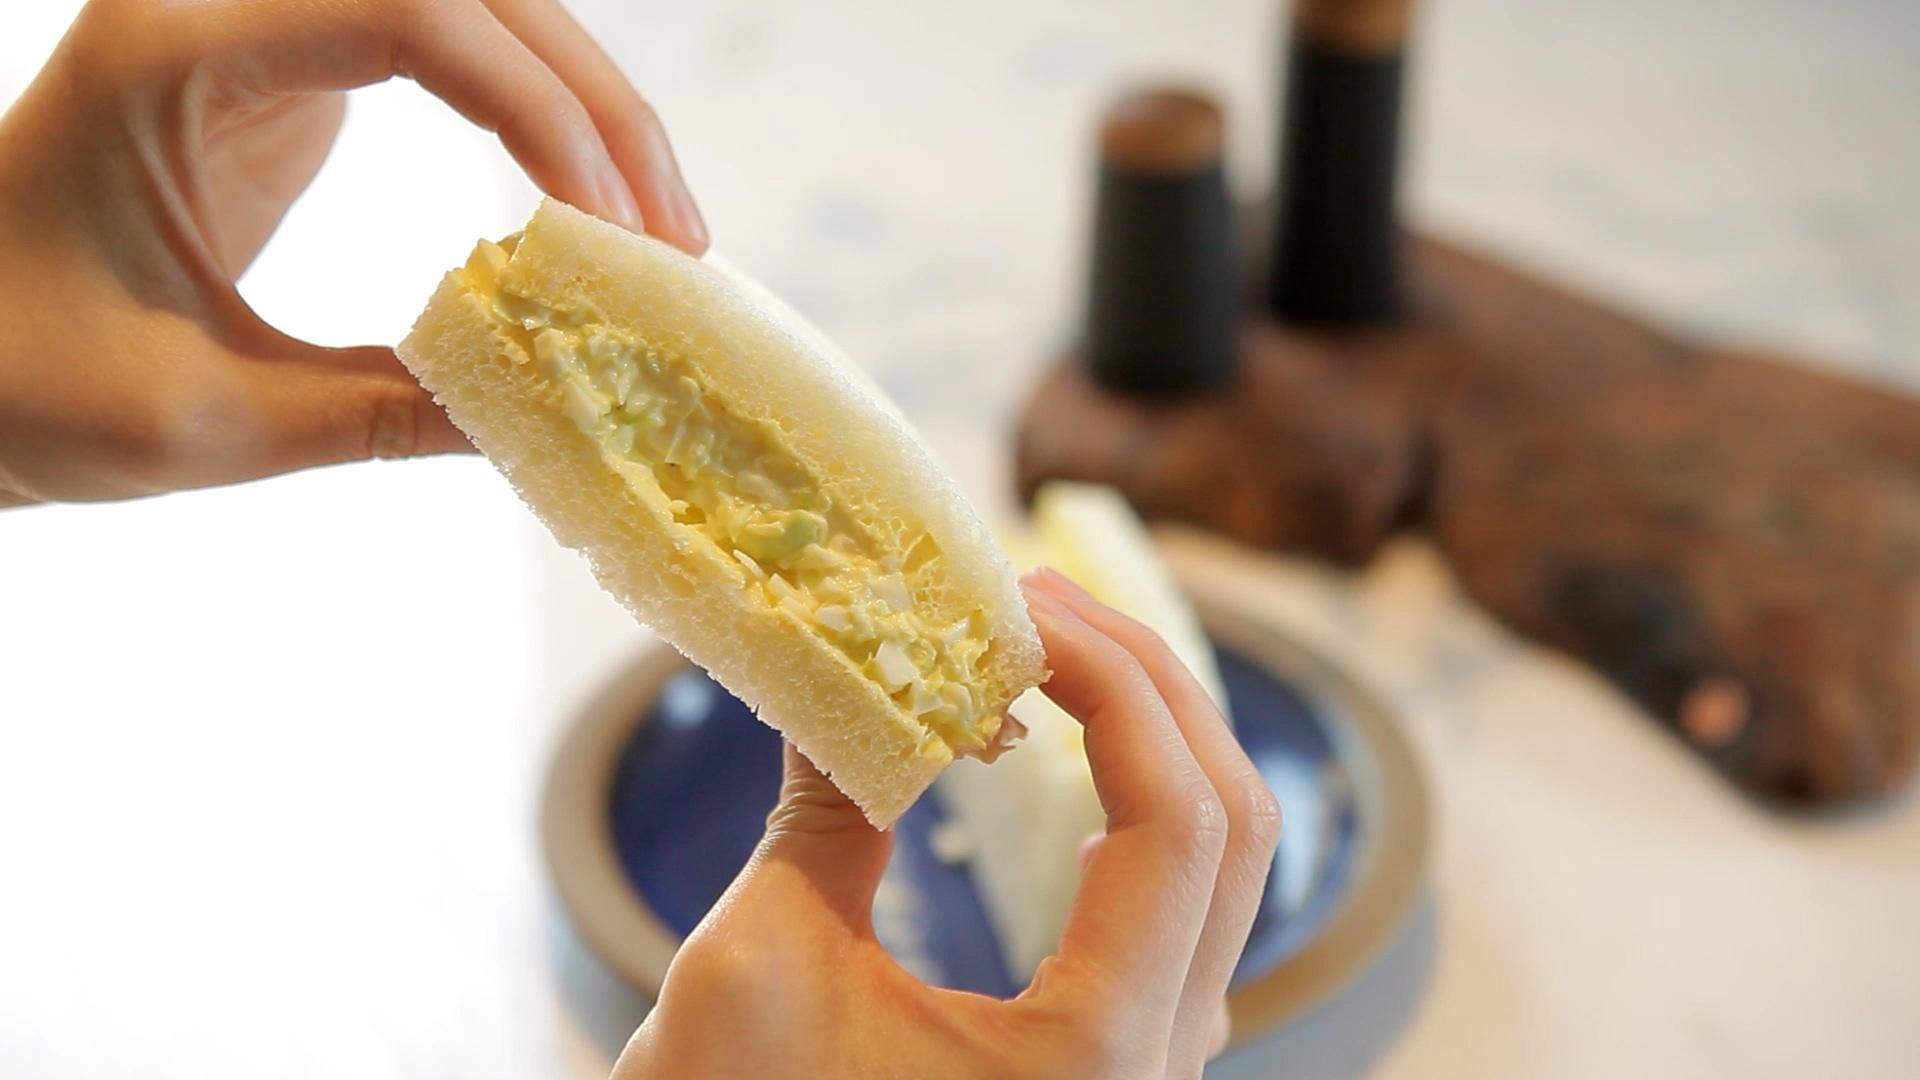 요즘도 간편식으로 즐겨먹는 샌드위치가 기내식의 시초였다. 사진은 기사와 관련없음. [중앙포토]